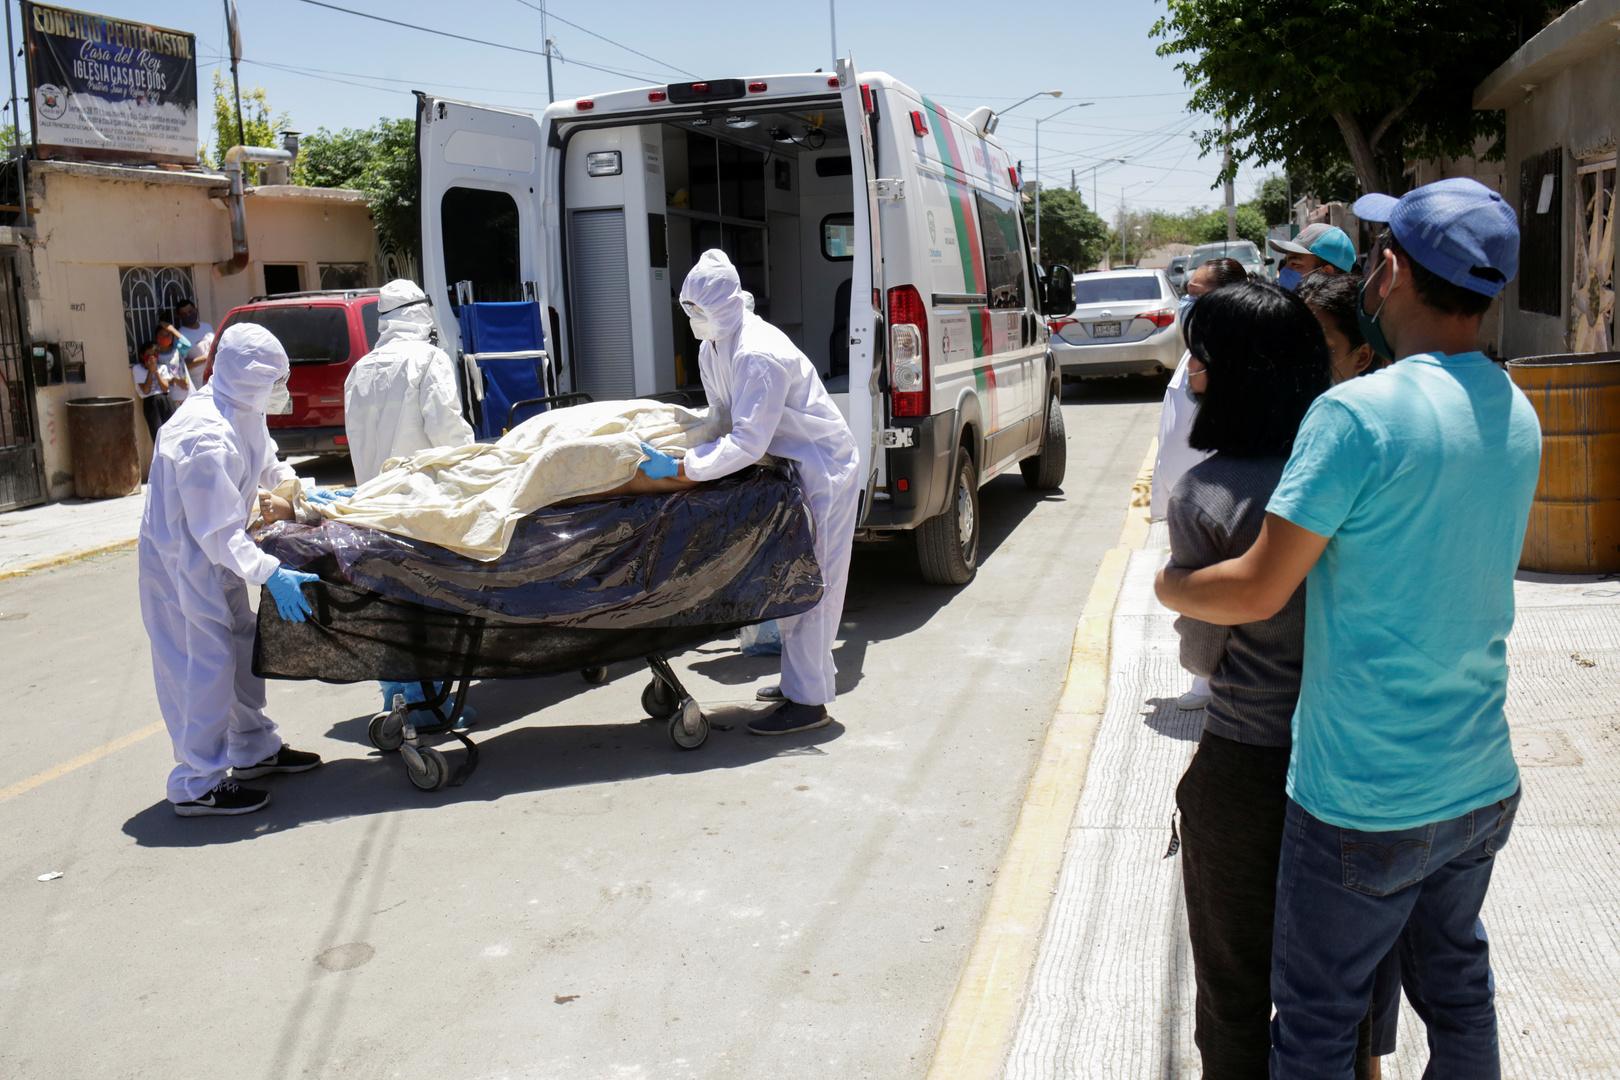 المكسيك.. تسجيل 501 حالة وفاة جديدة بكورونا